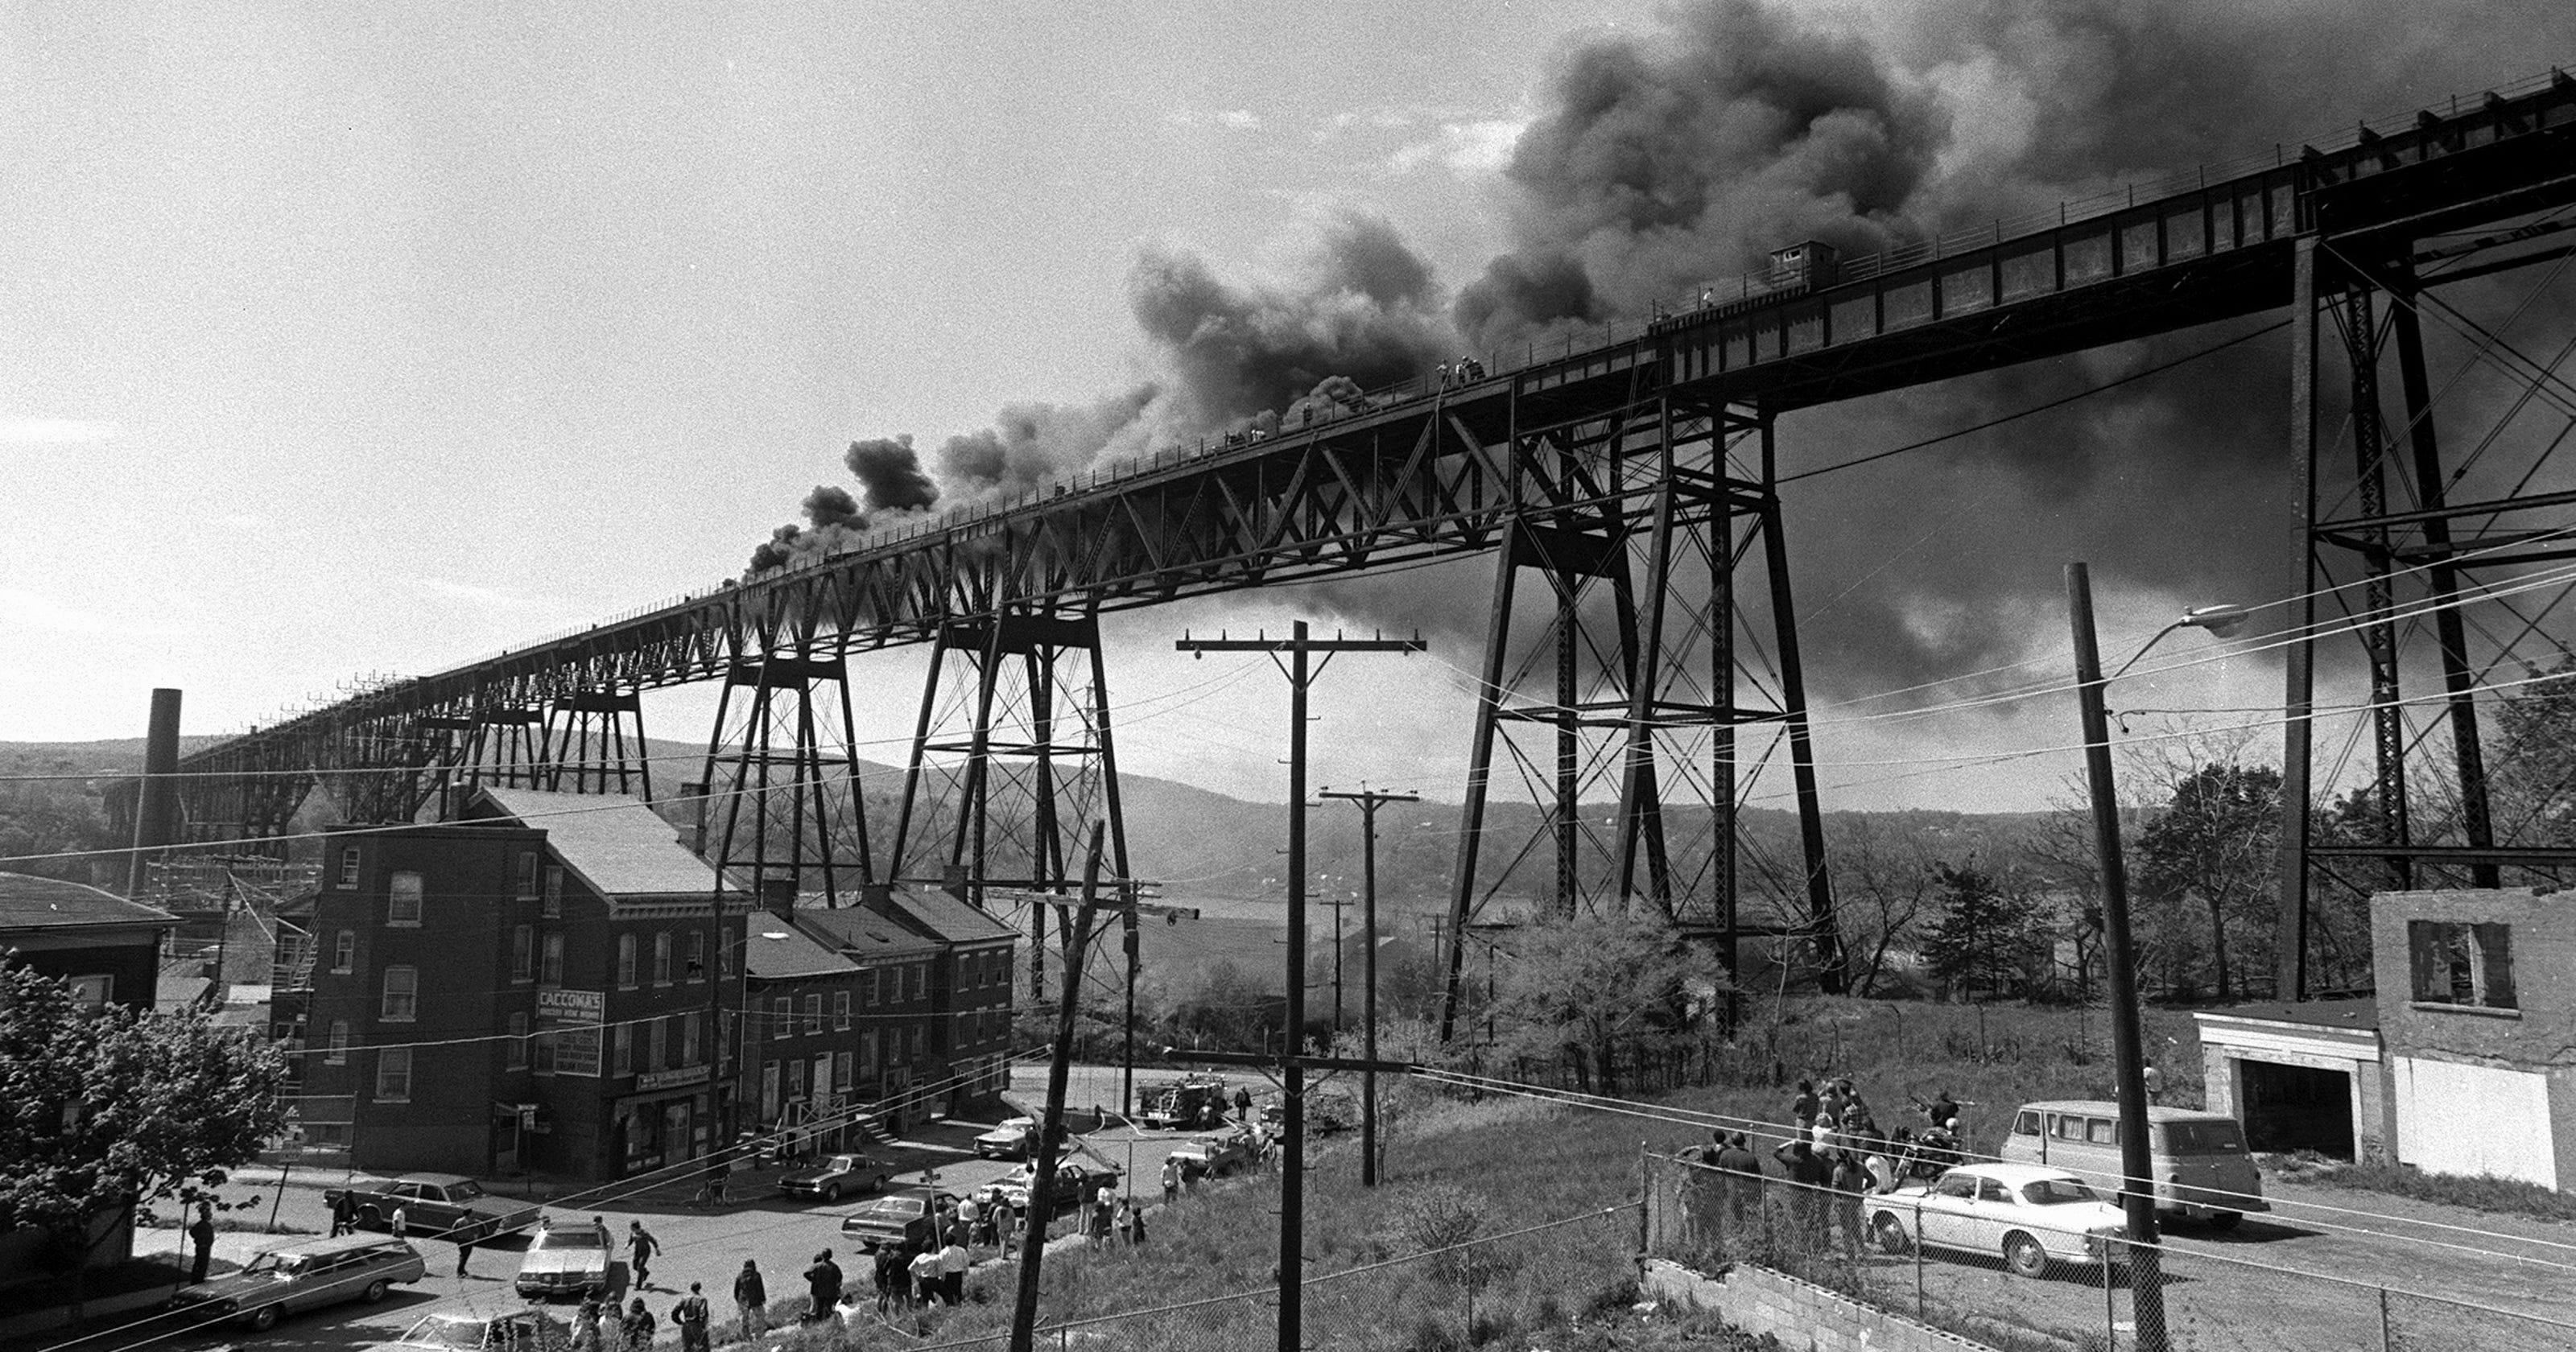 Railroad bridge fire 40th anniversary: Fire in the sky